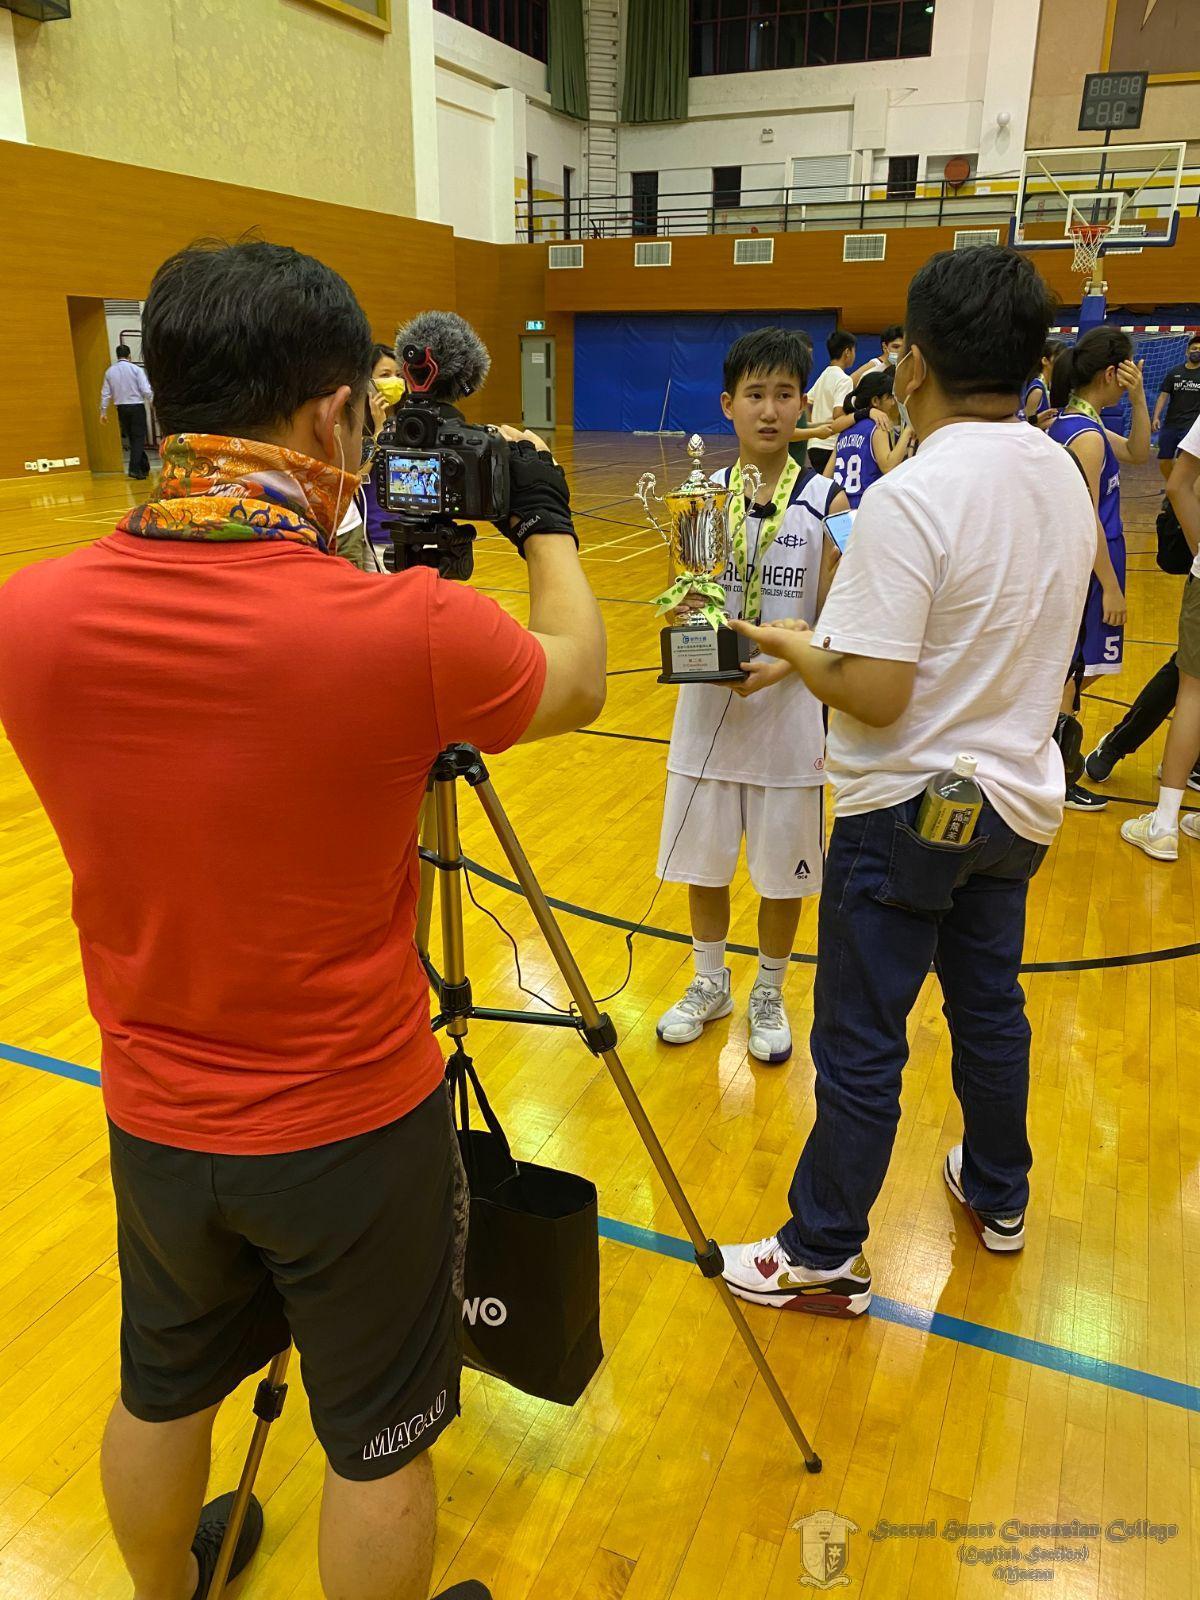 決賽中表現出色的隊長Cherry Lei於賽後接受澳門體育頻道訪問